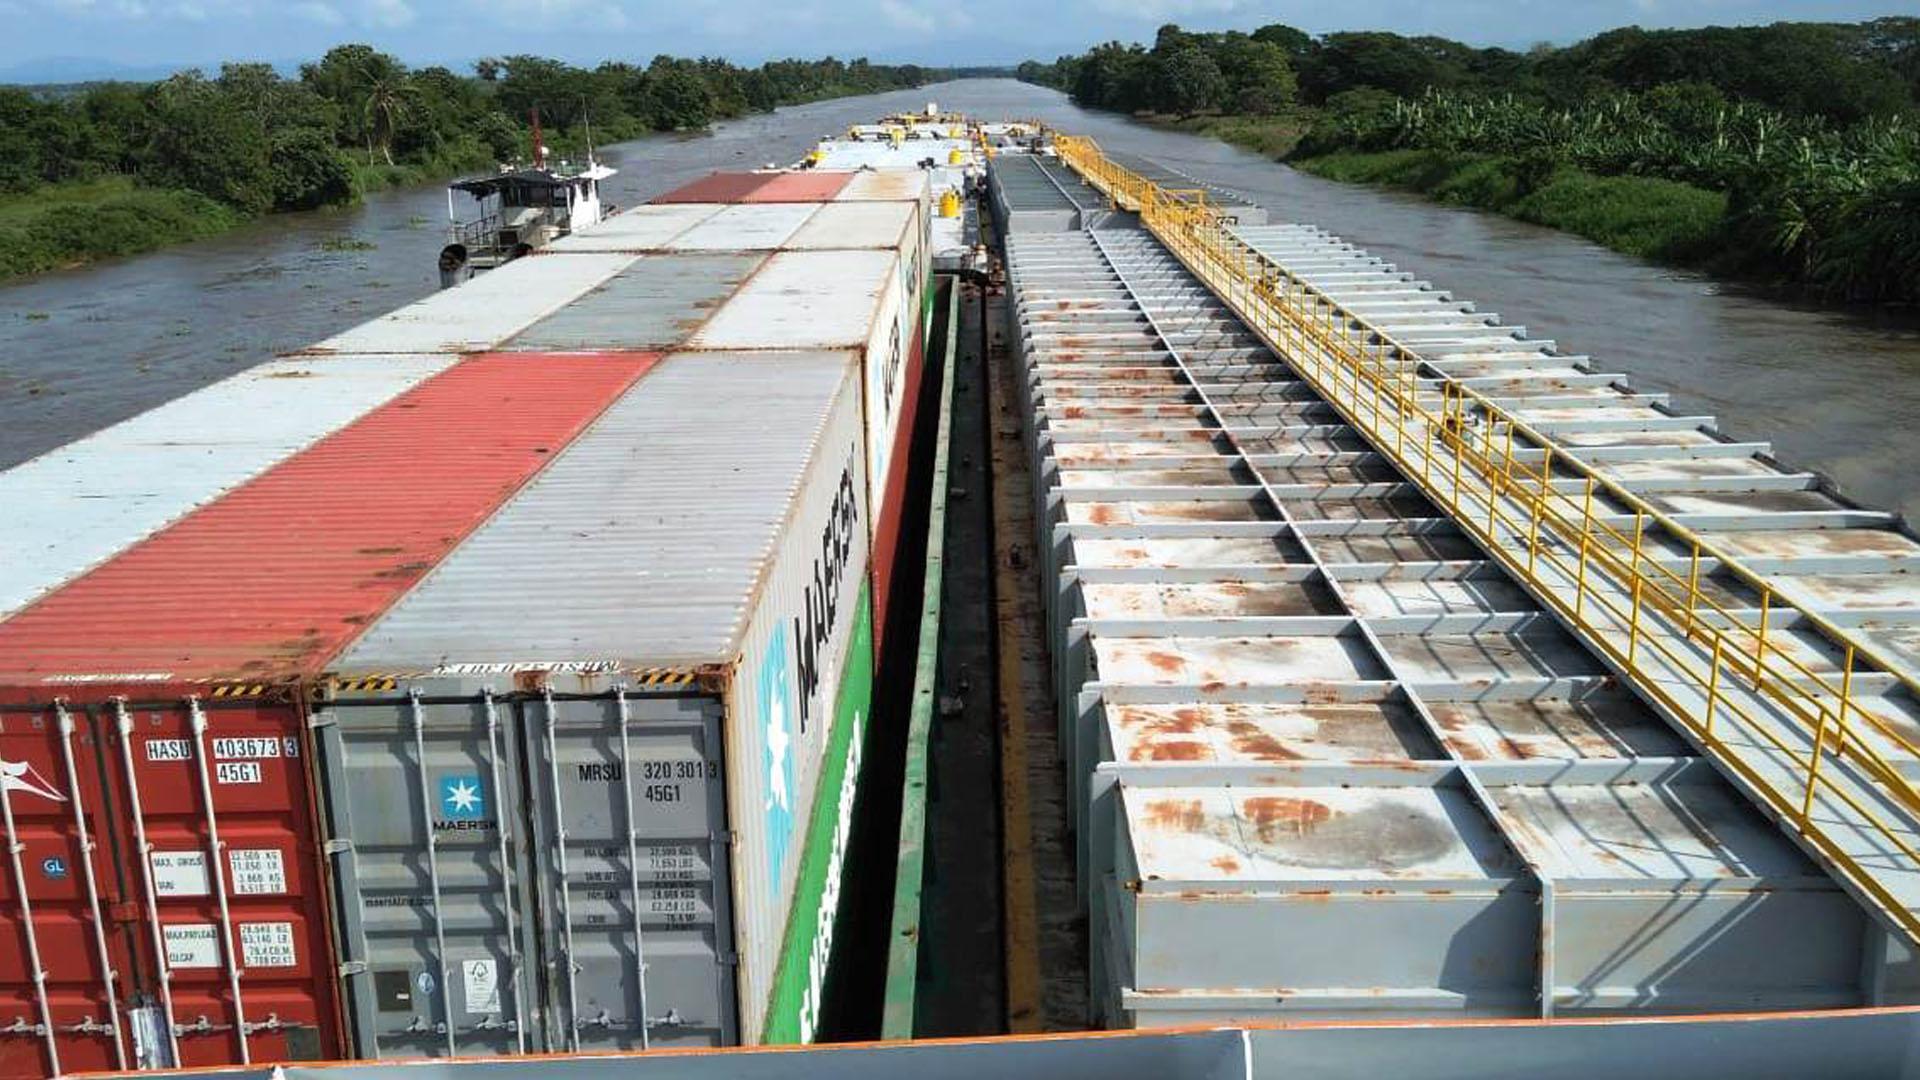 En marcha primera operación multimodal entre Cartagena y La Dorada - El Heraldo (Colombia)